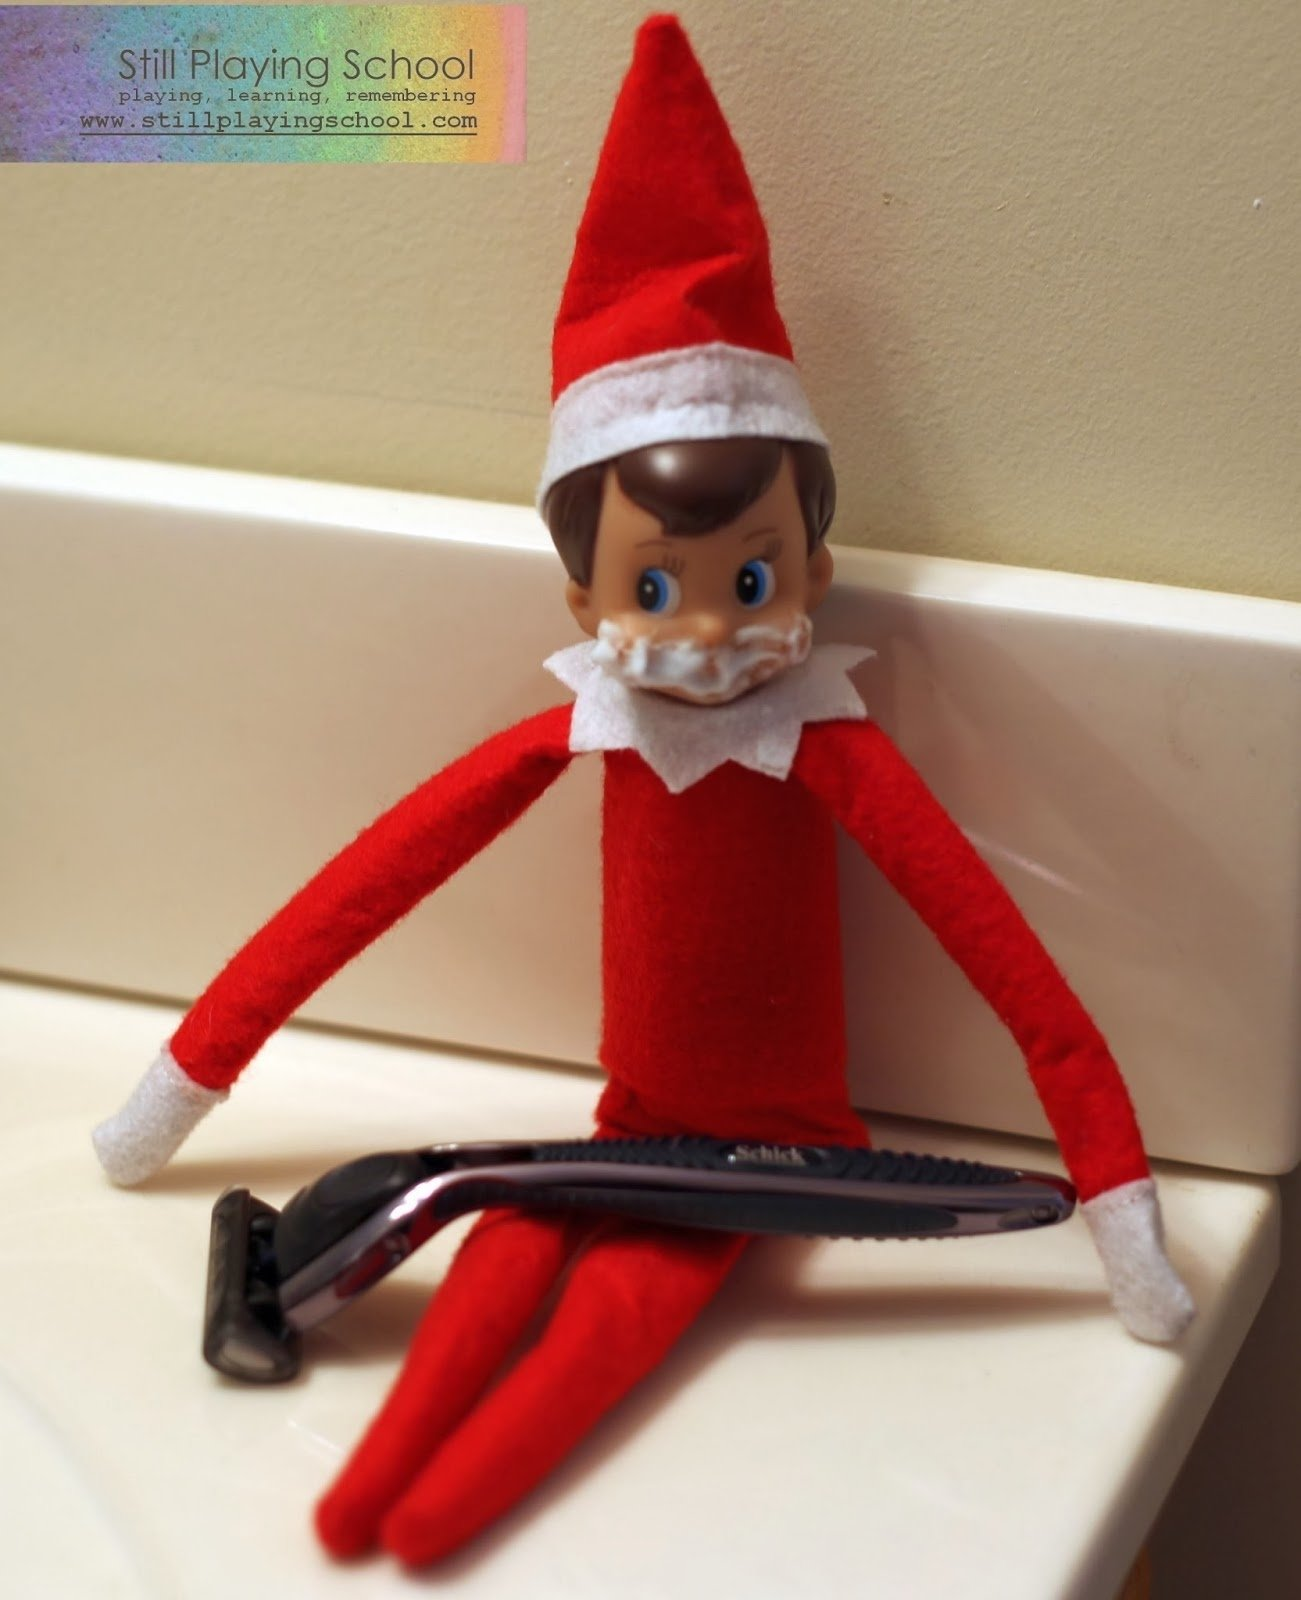 10 Elegant Elf On A Shelf Ideas a month of elf on the shelf ideas still playing school 4